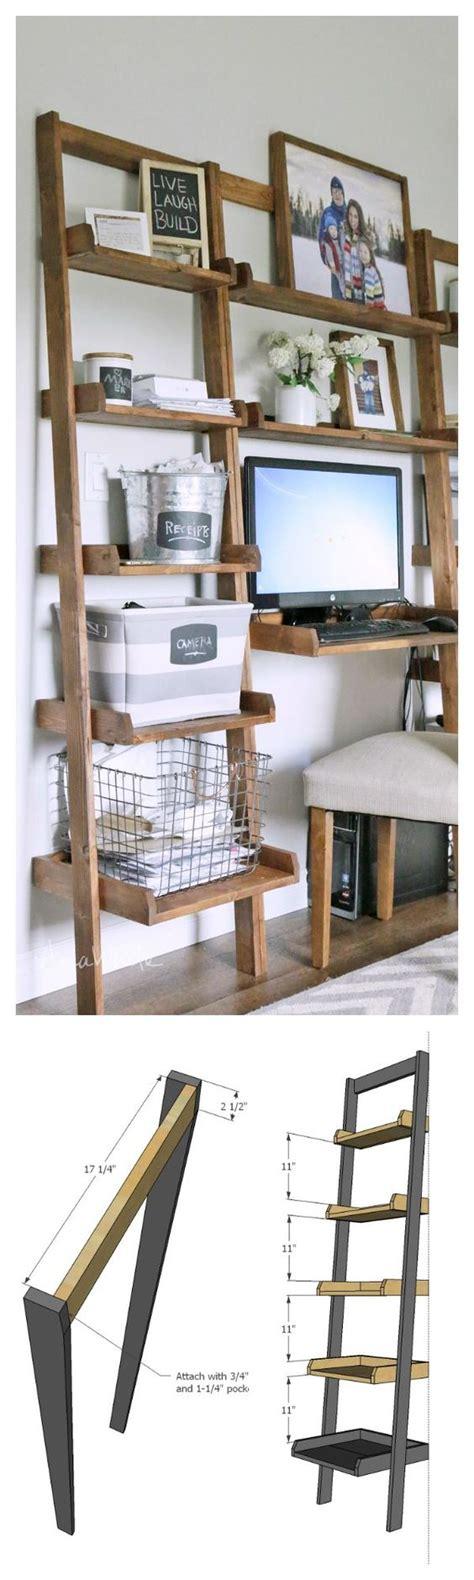 bureau diy diy fabriquer un bureau avec des étagères floriane lemarié